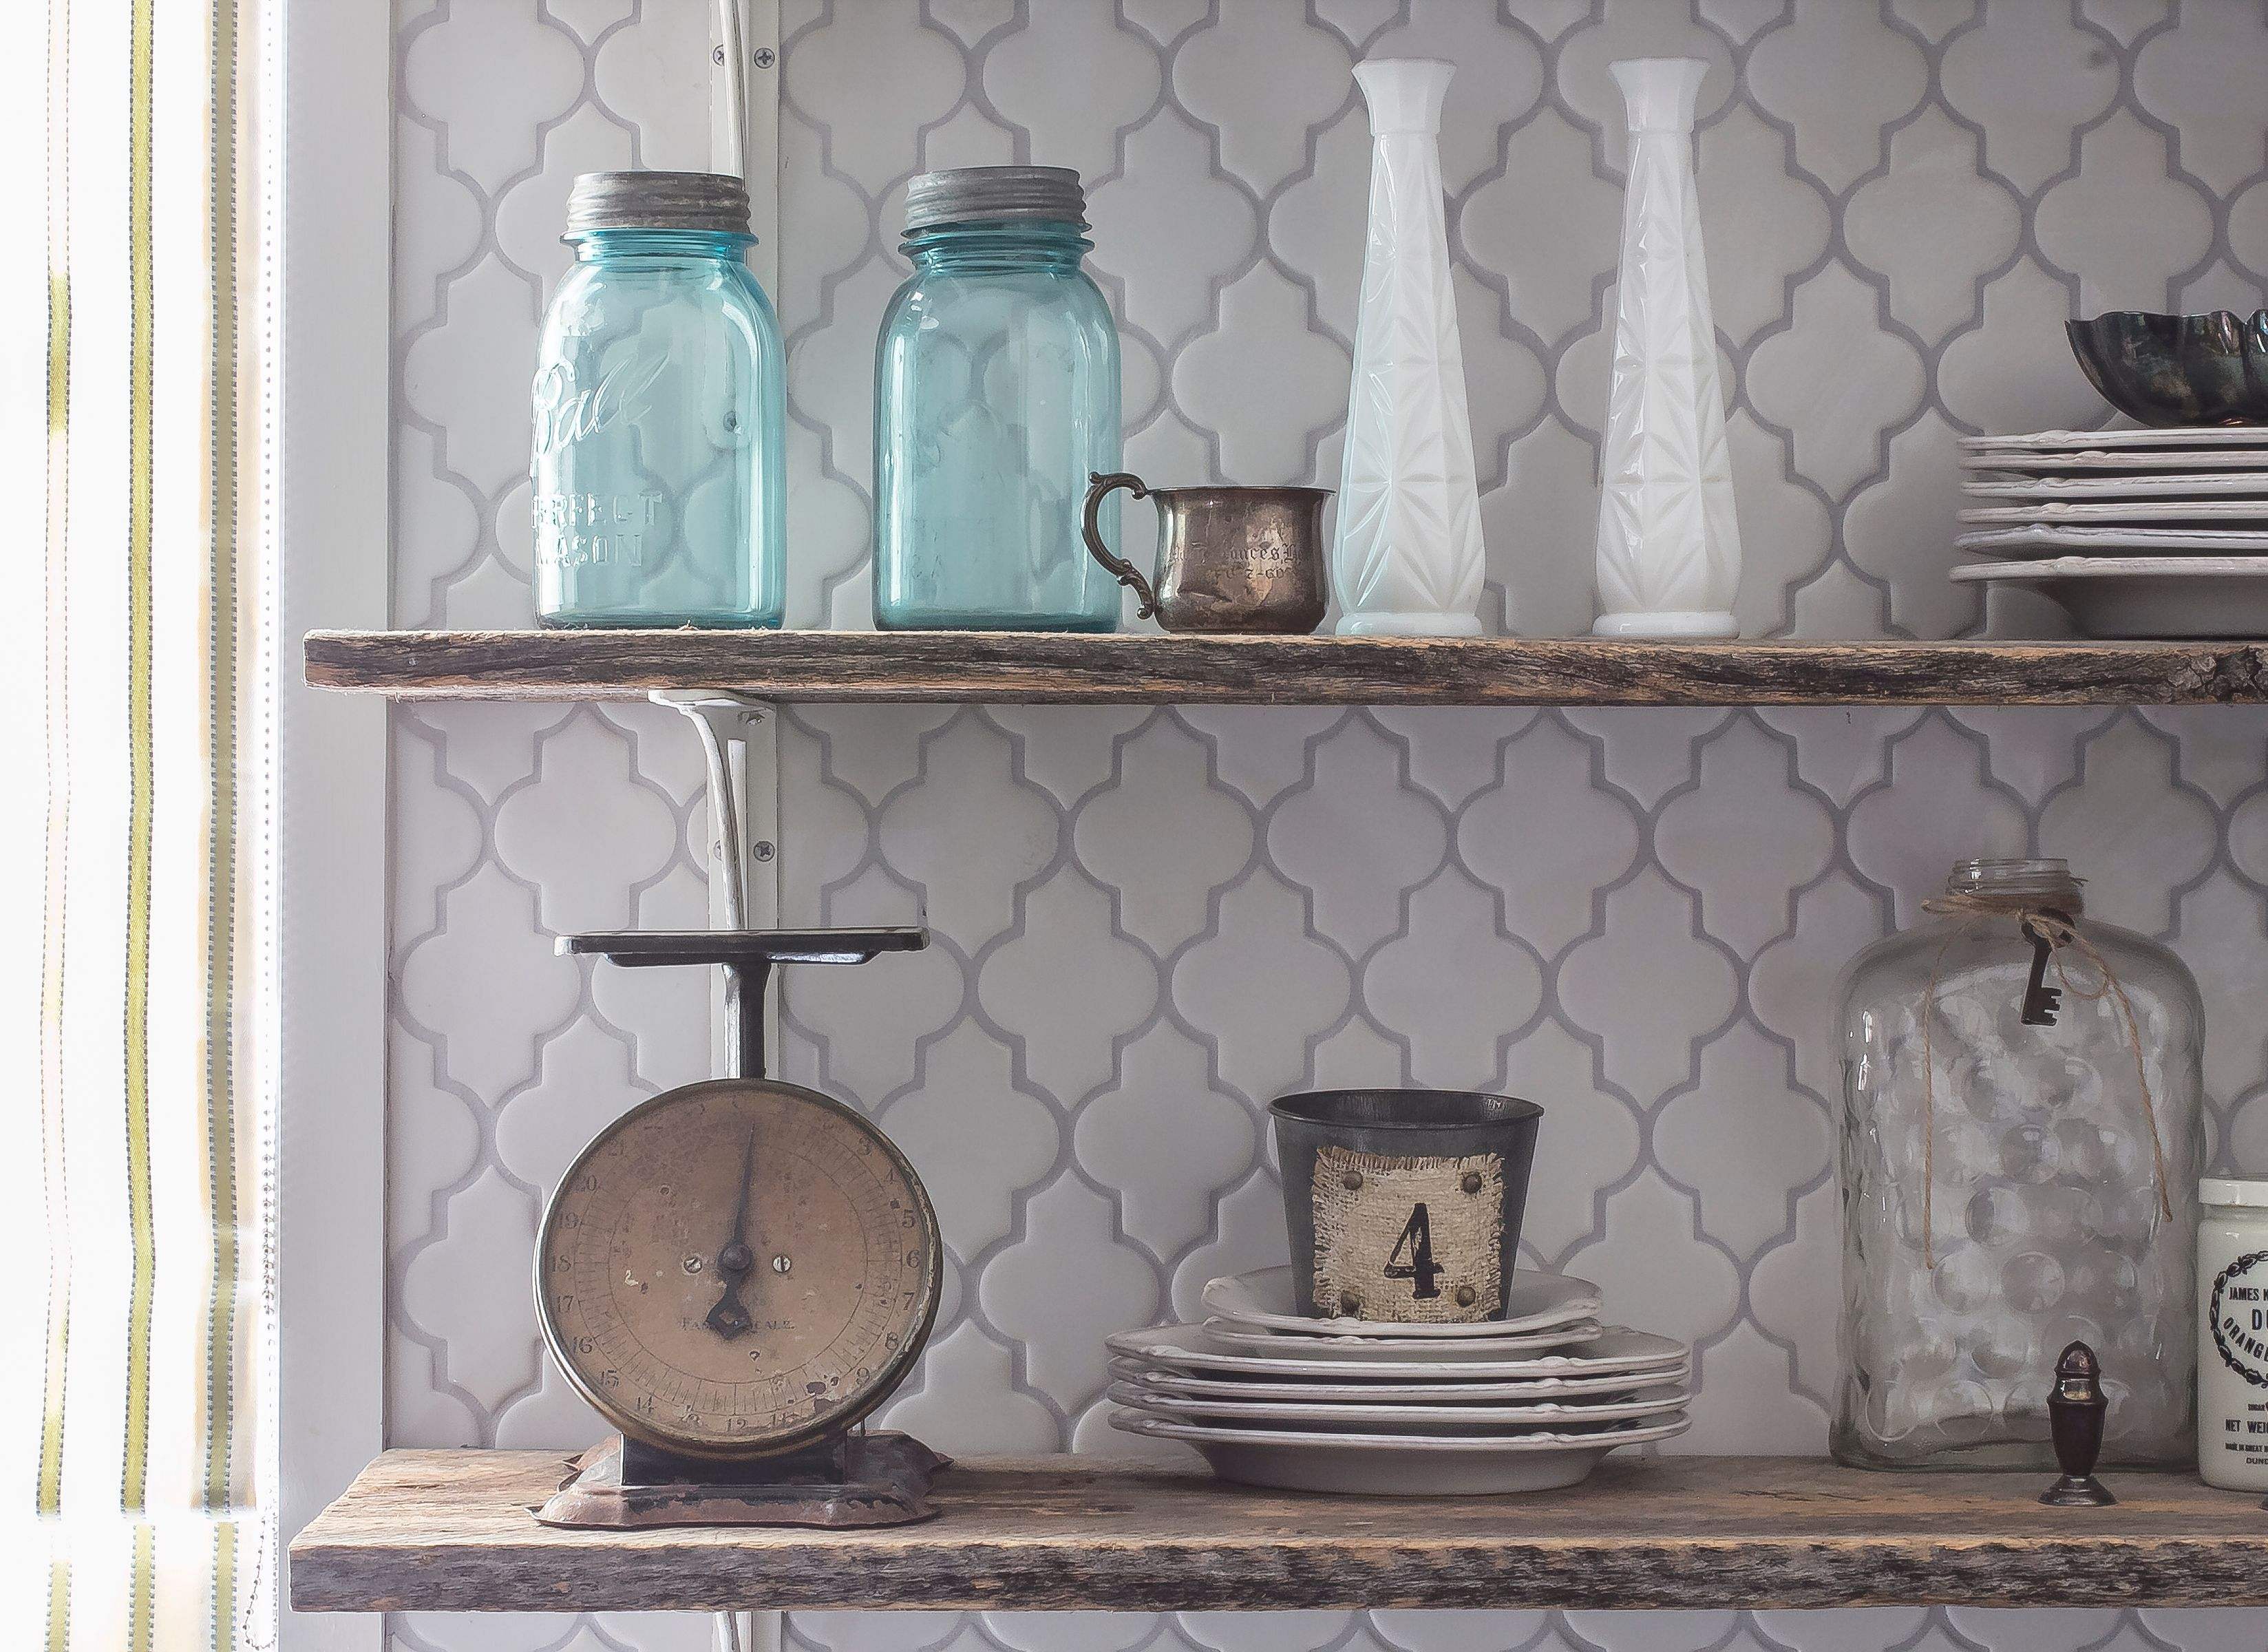 woodstock kitchen shelves 2.jpg